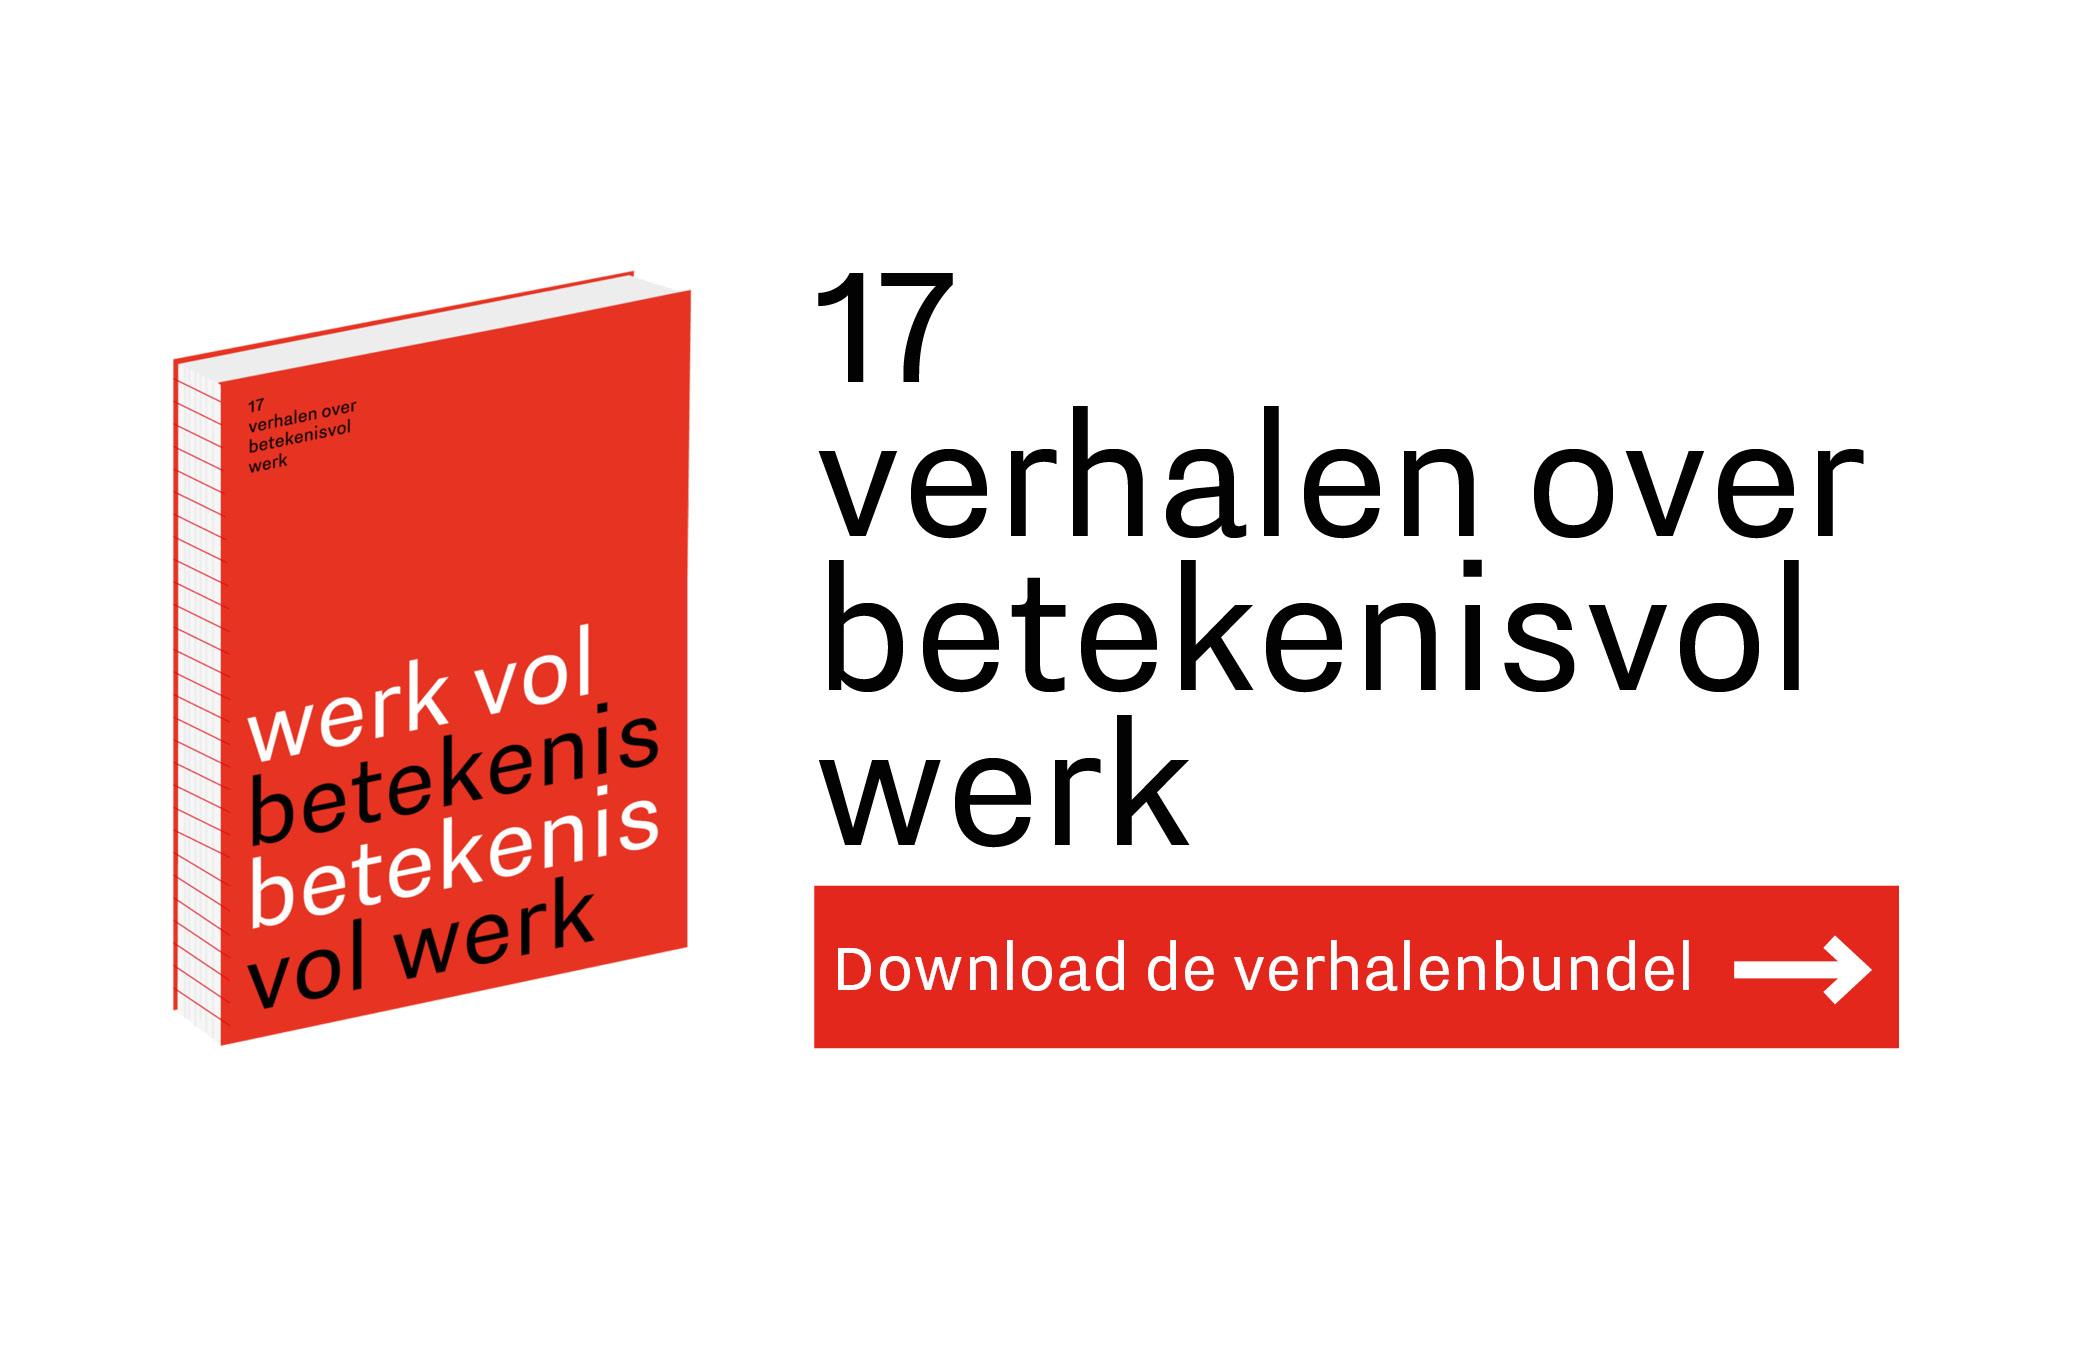 Banner van de verhalenbundel 17 verhalen over betekenisvol werk